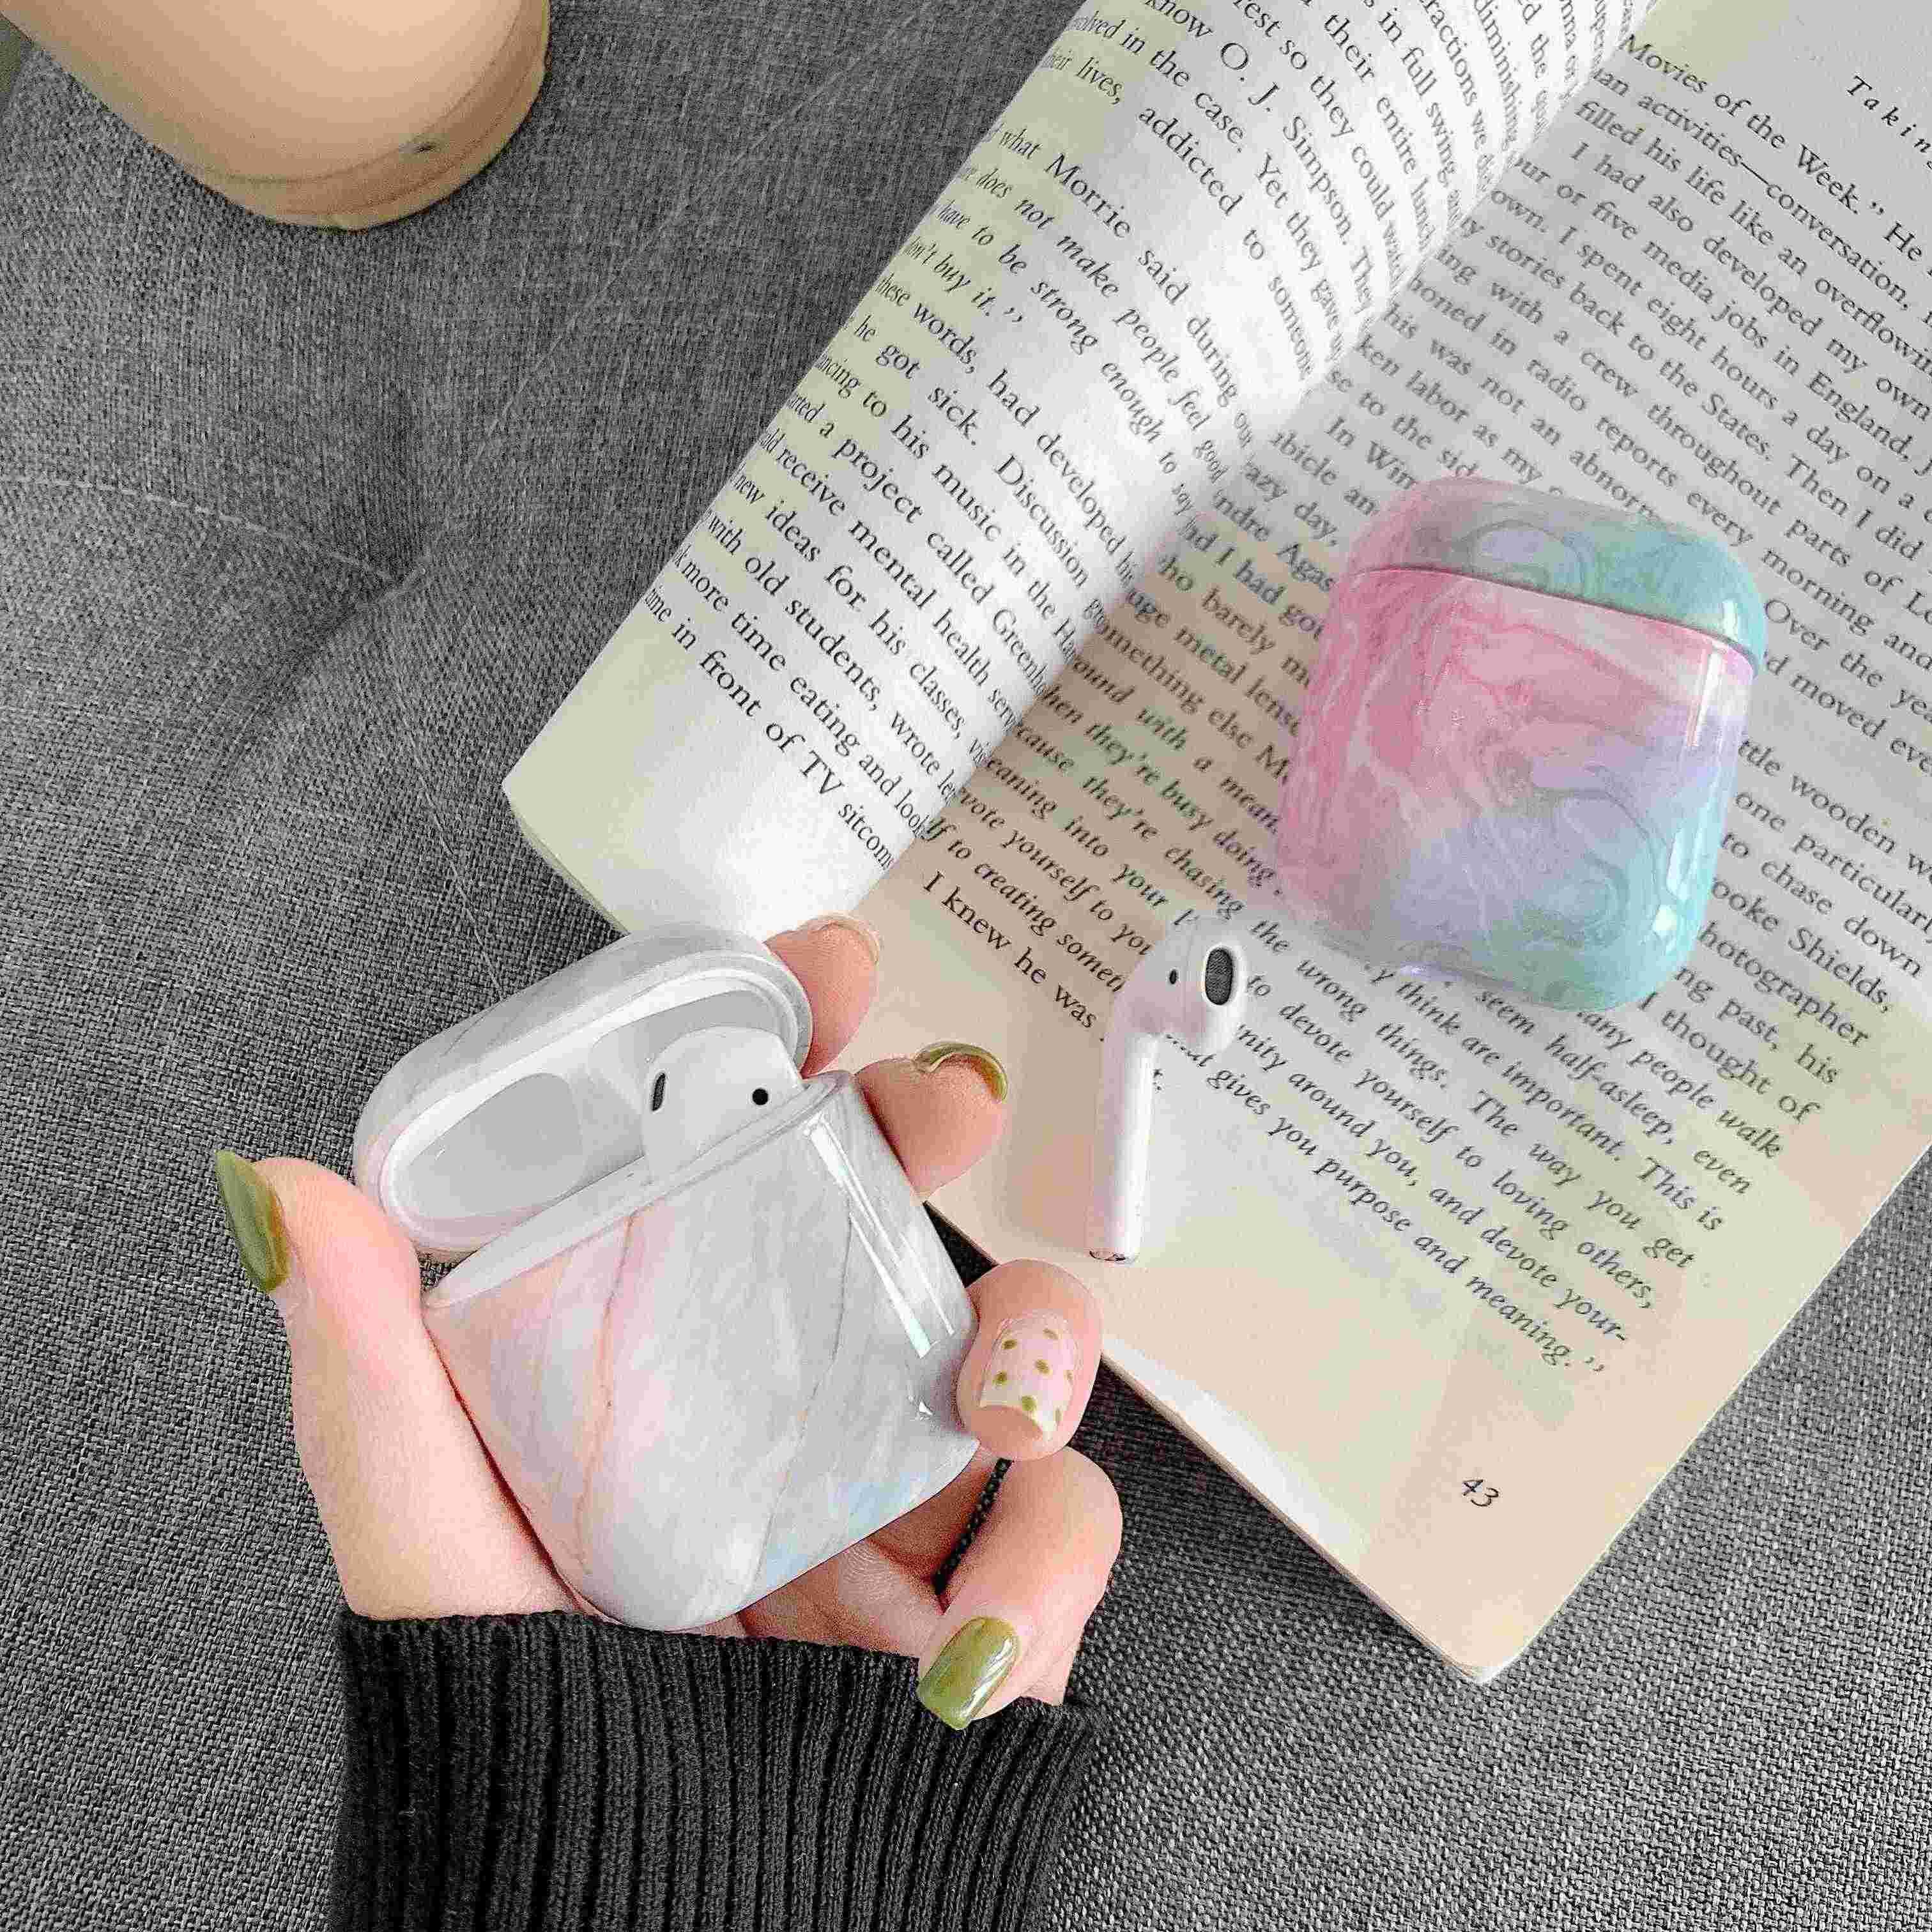 ハード PC プラスチックヘッドホン充電ボックス Apple Airpods 大理石 Bluetooth ワイヤレスイヤホンケース Airpods2 用 1 ケース